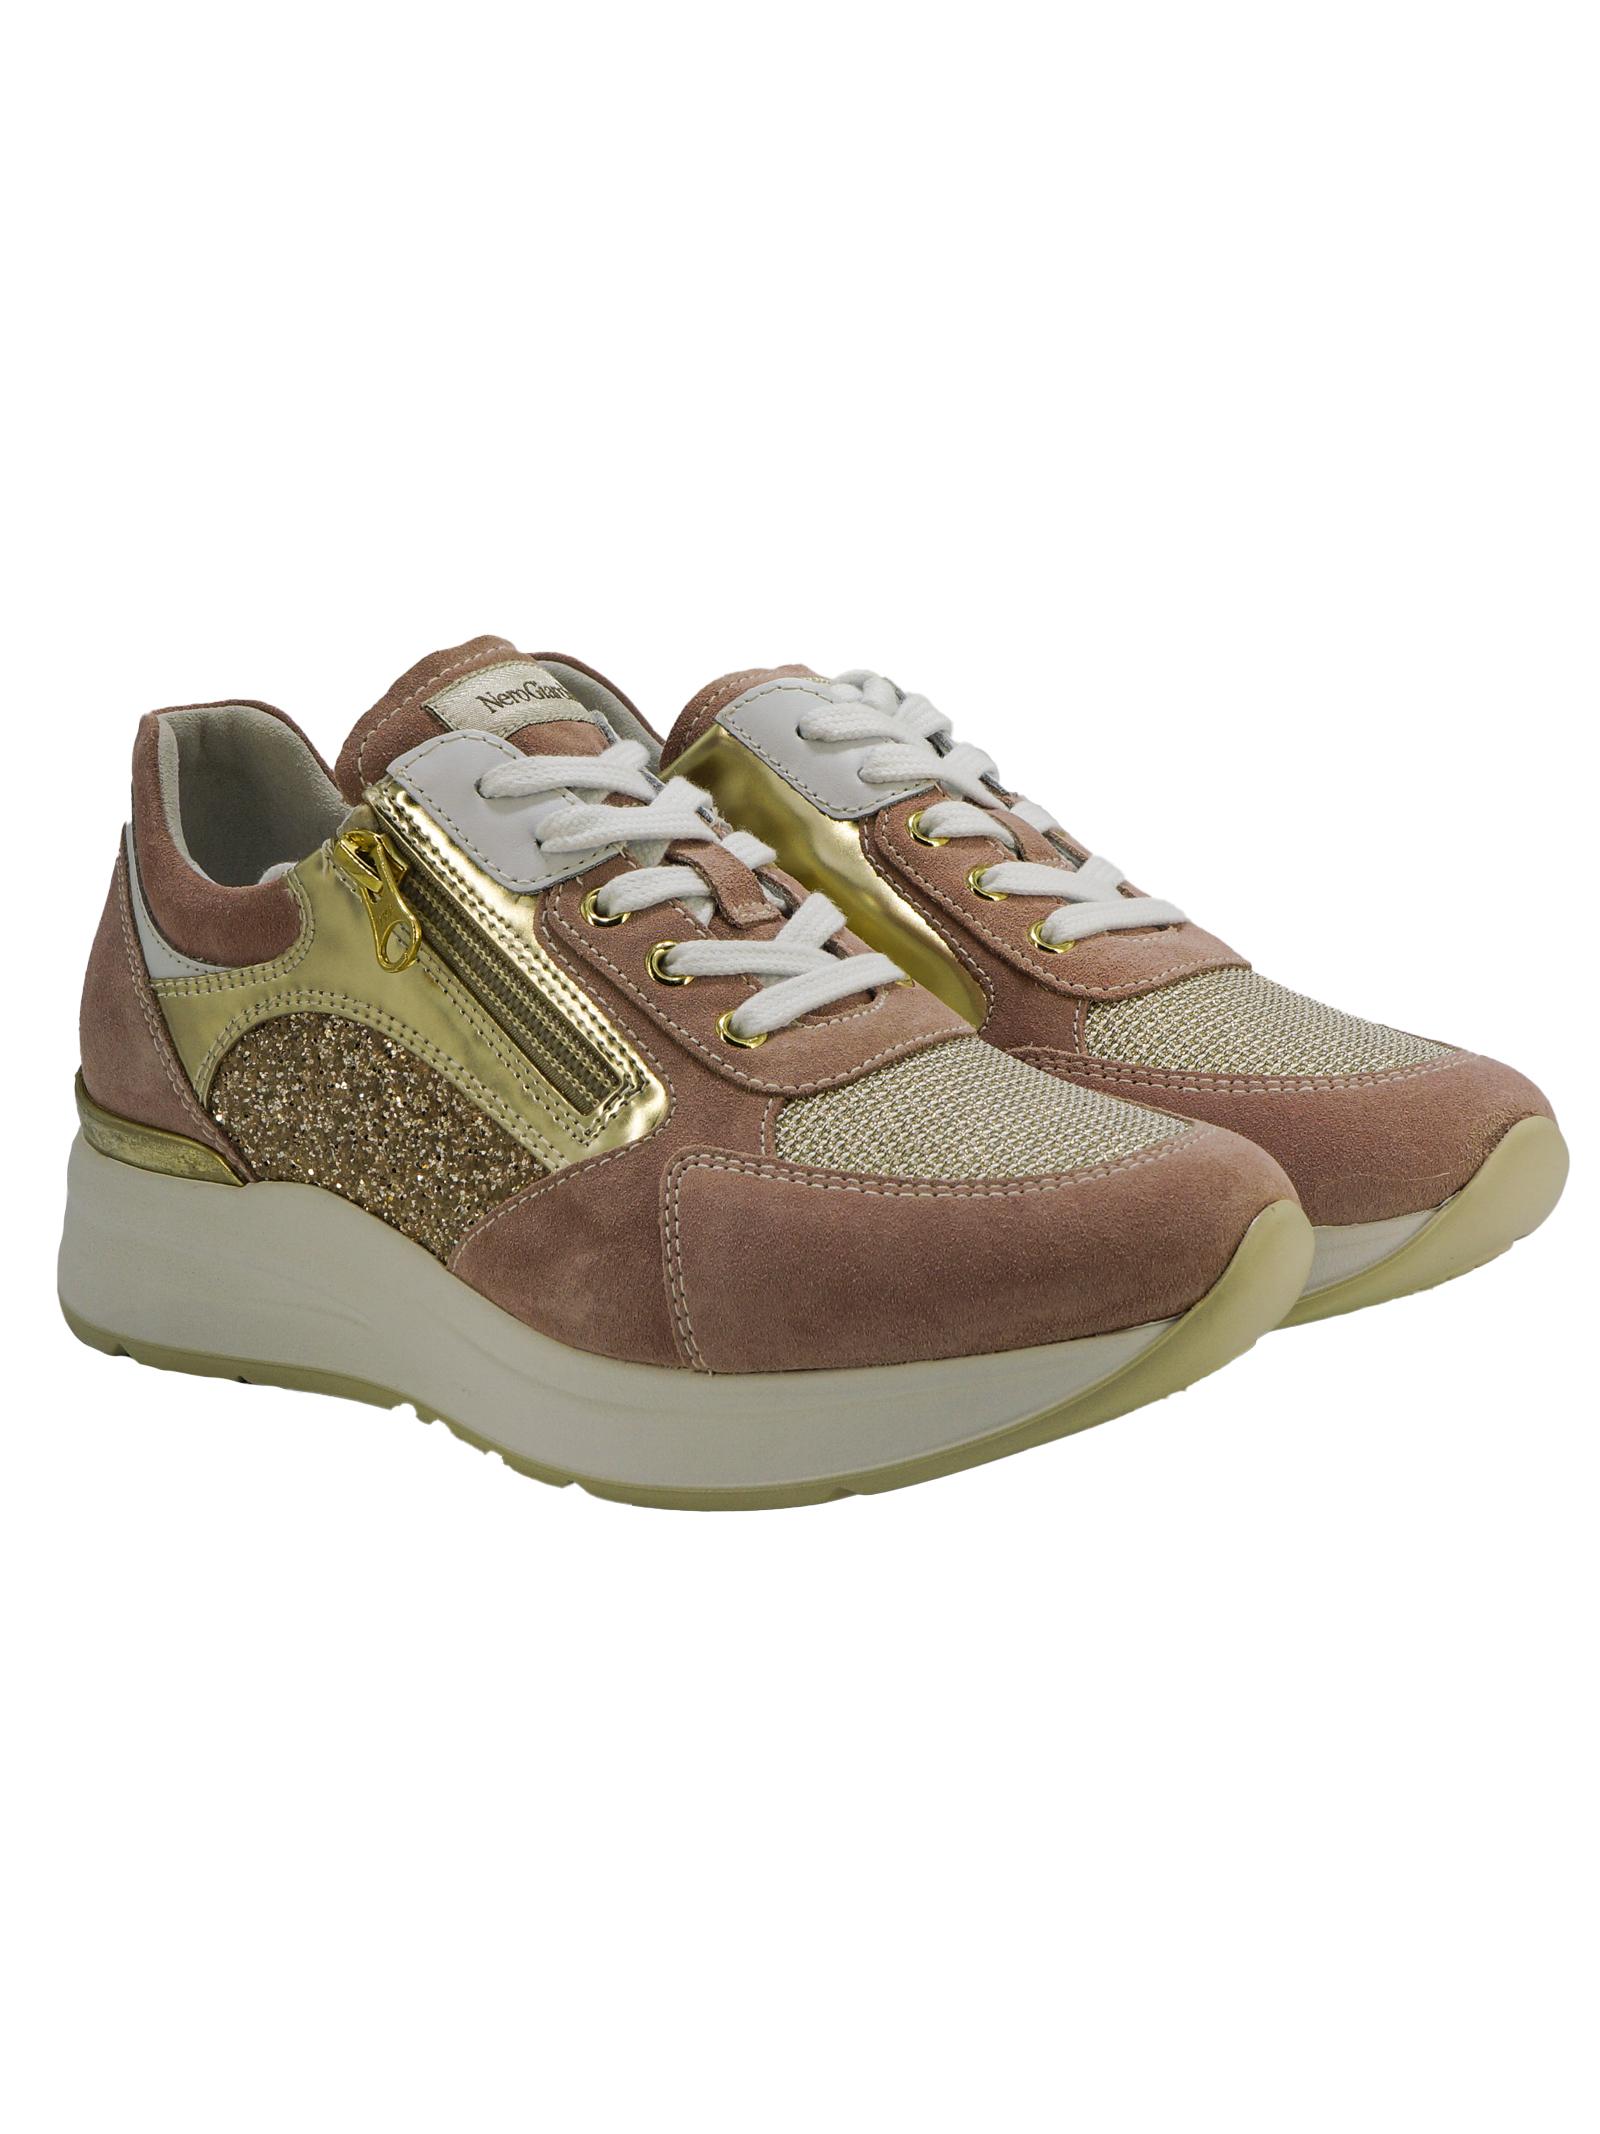 Sneakers Donna in Pelle Nero Giardini Nero Giardini | Sneakers | E010500D429